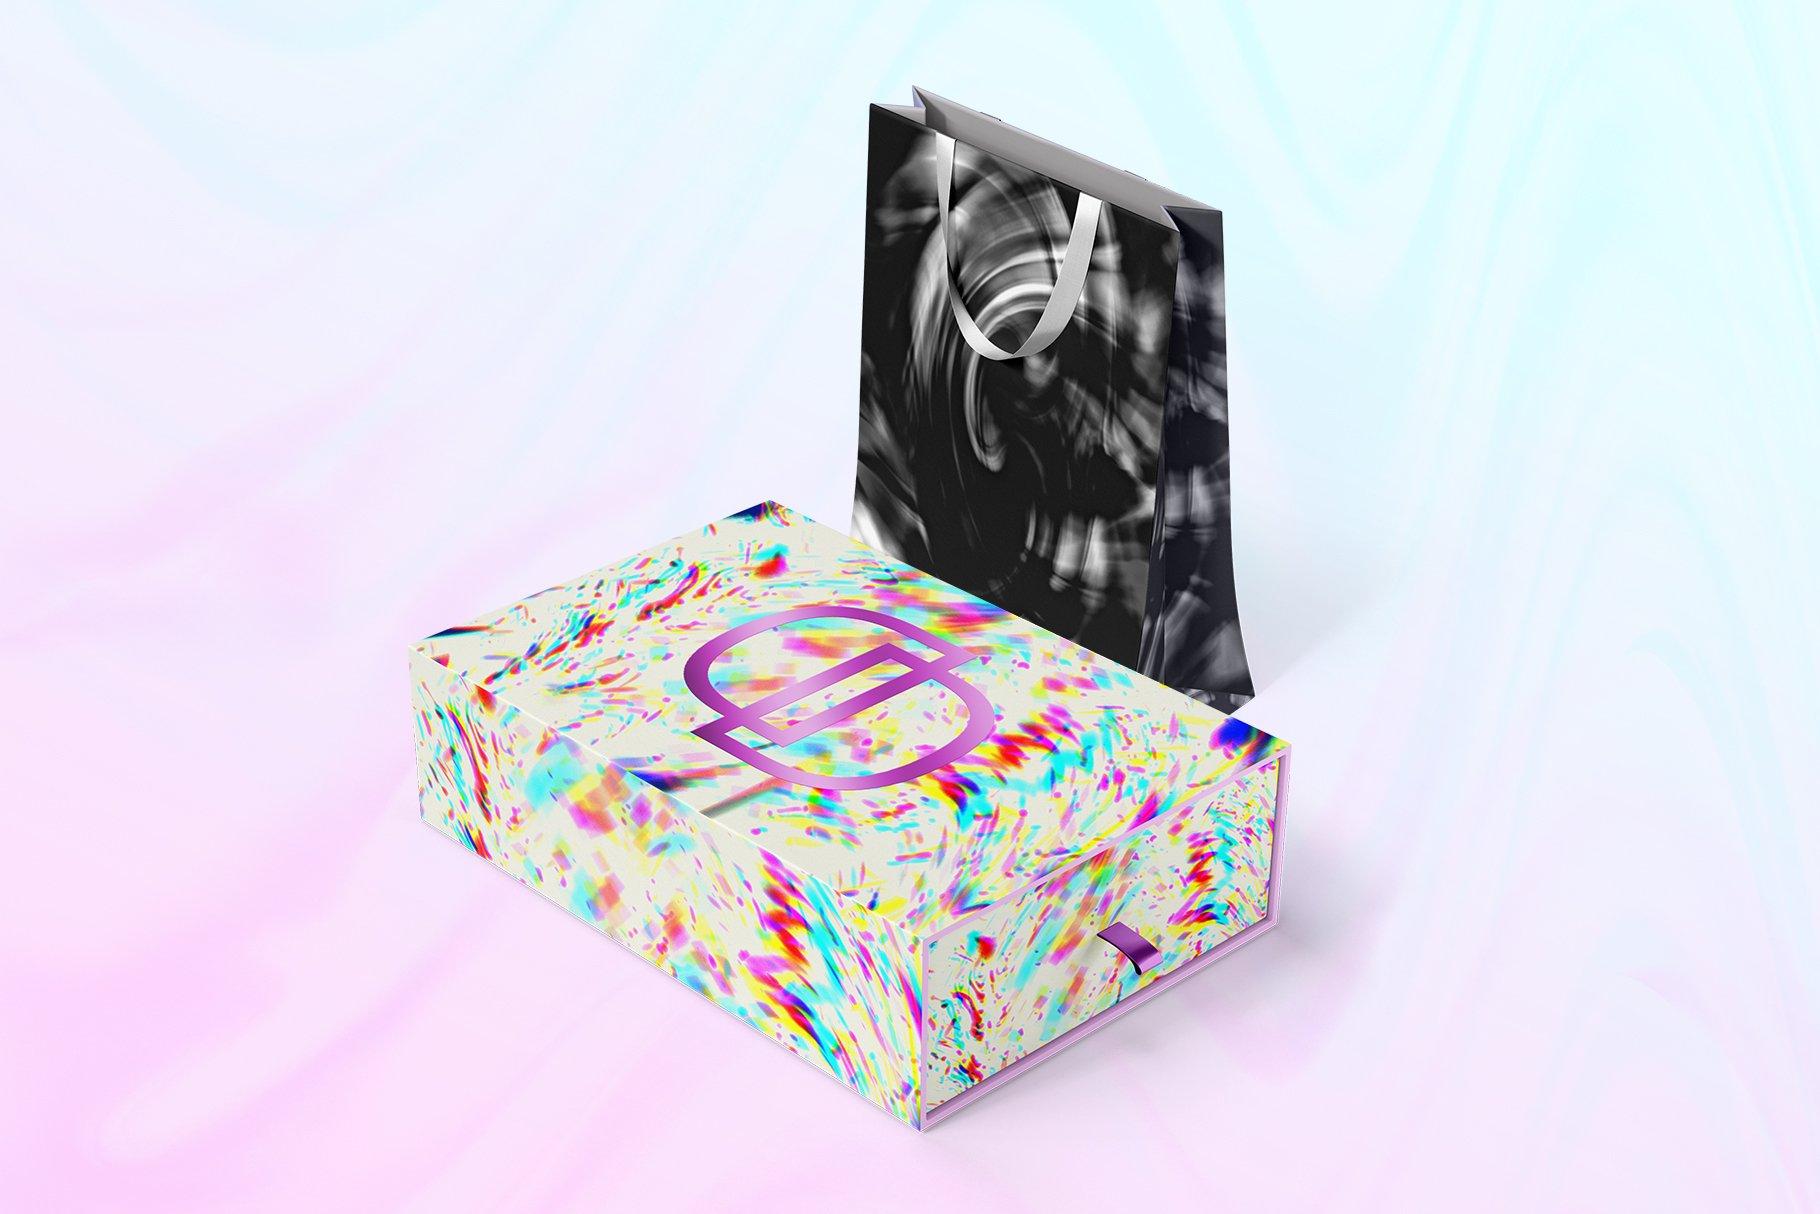 [单独购买] 90款潮流抽象炫彩故障扭曲噪点颗粒纹理海报设计背景图片素材 Experimental Abstract Textures插图19